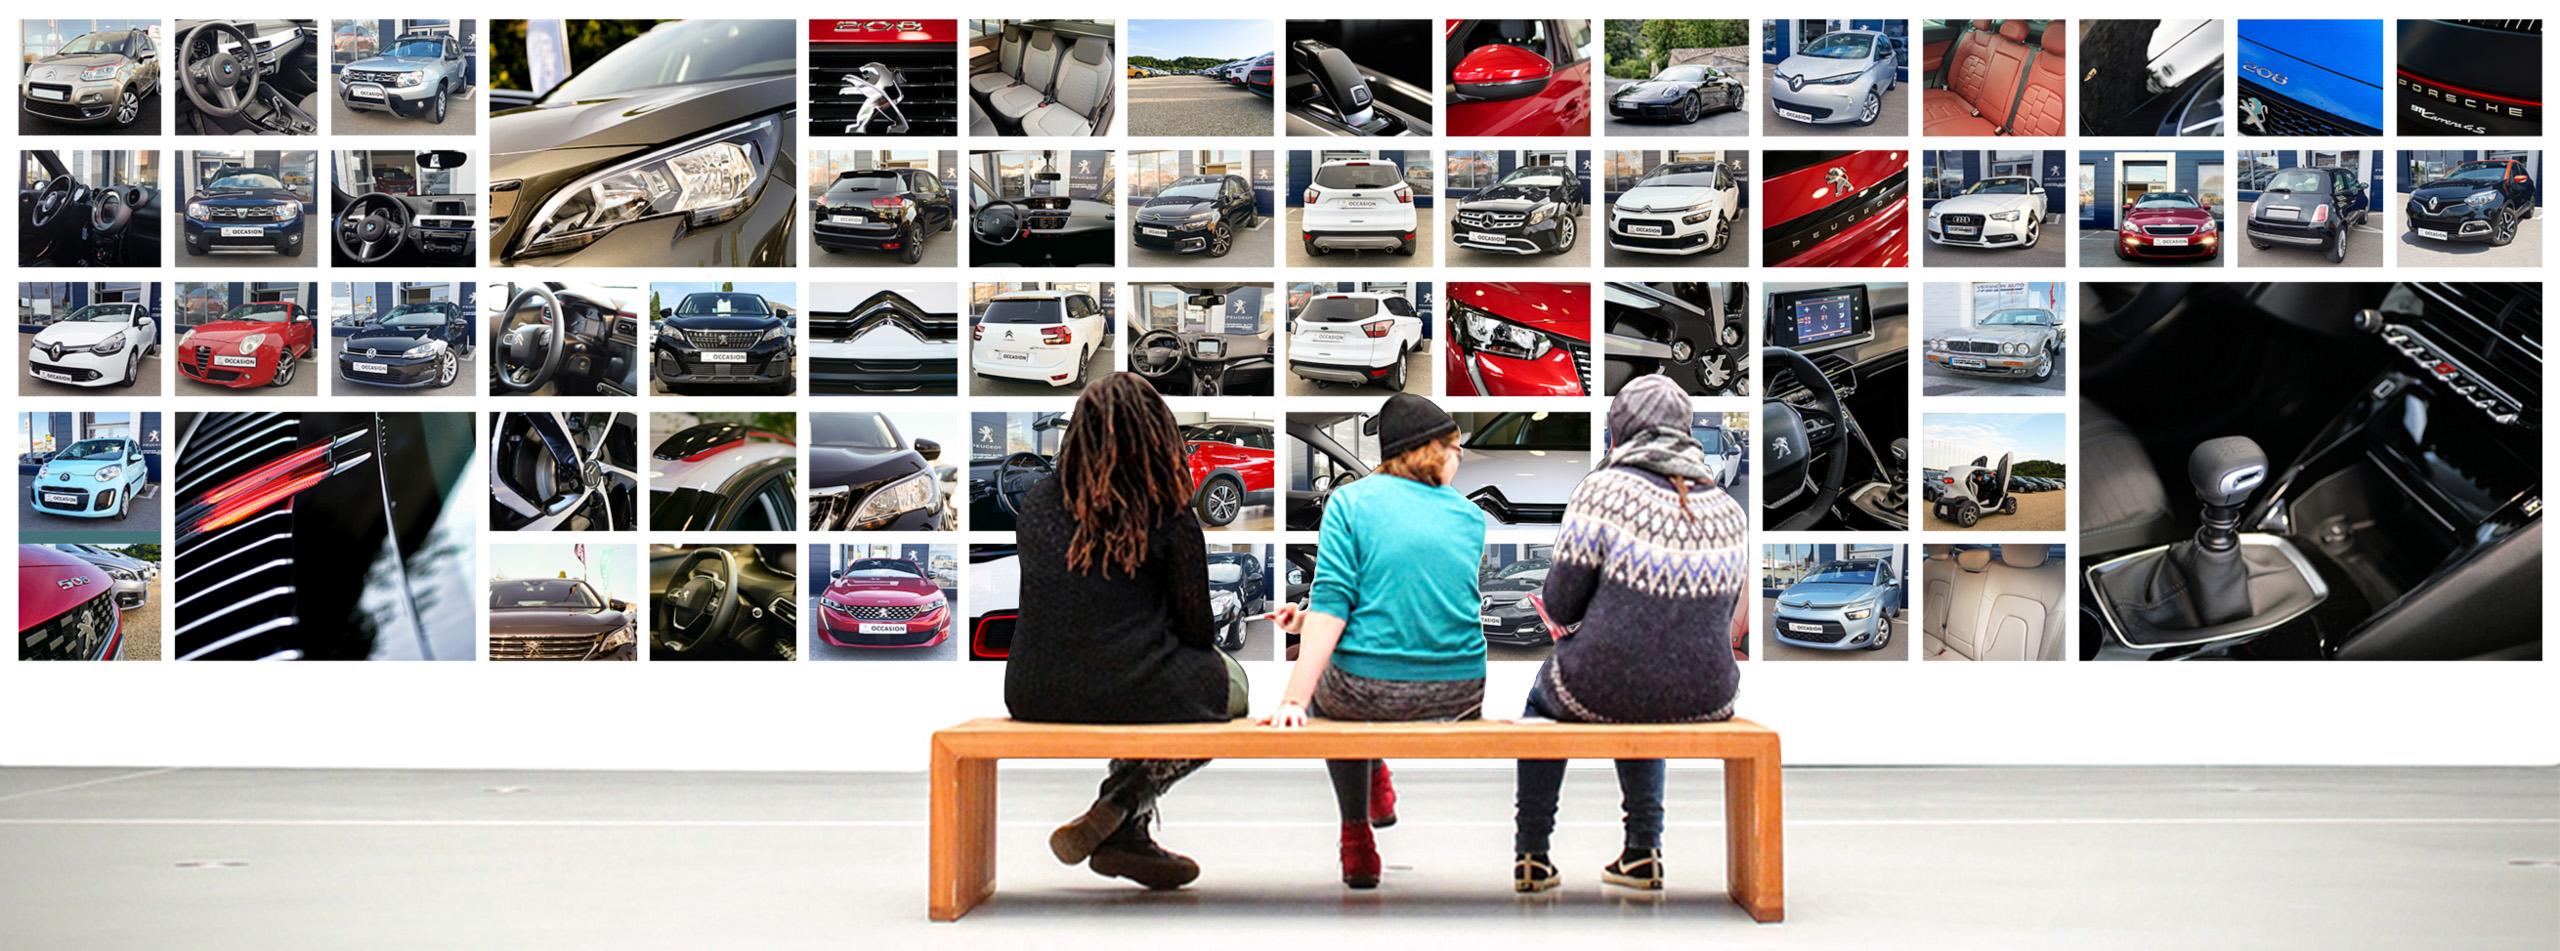 Groupe Vergnon Auto - Découvrez notre offre occasion à Quissac et à Sauve, dans le Gard et Occitanie